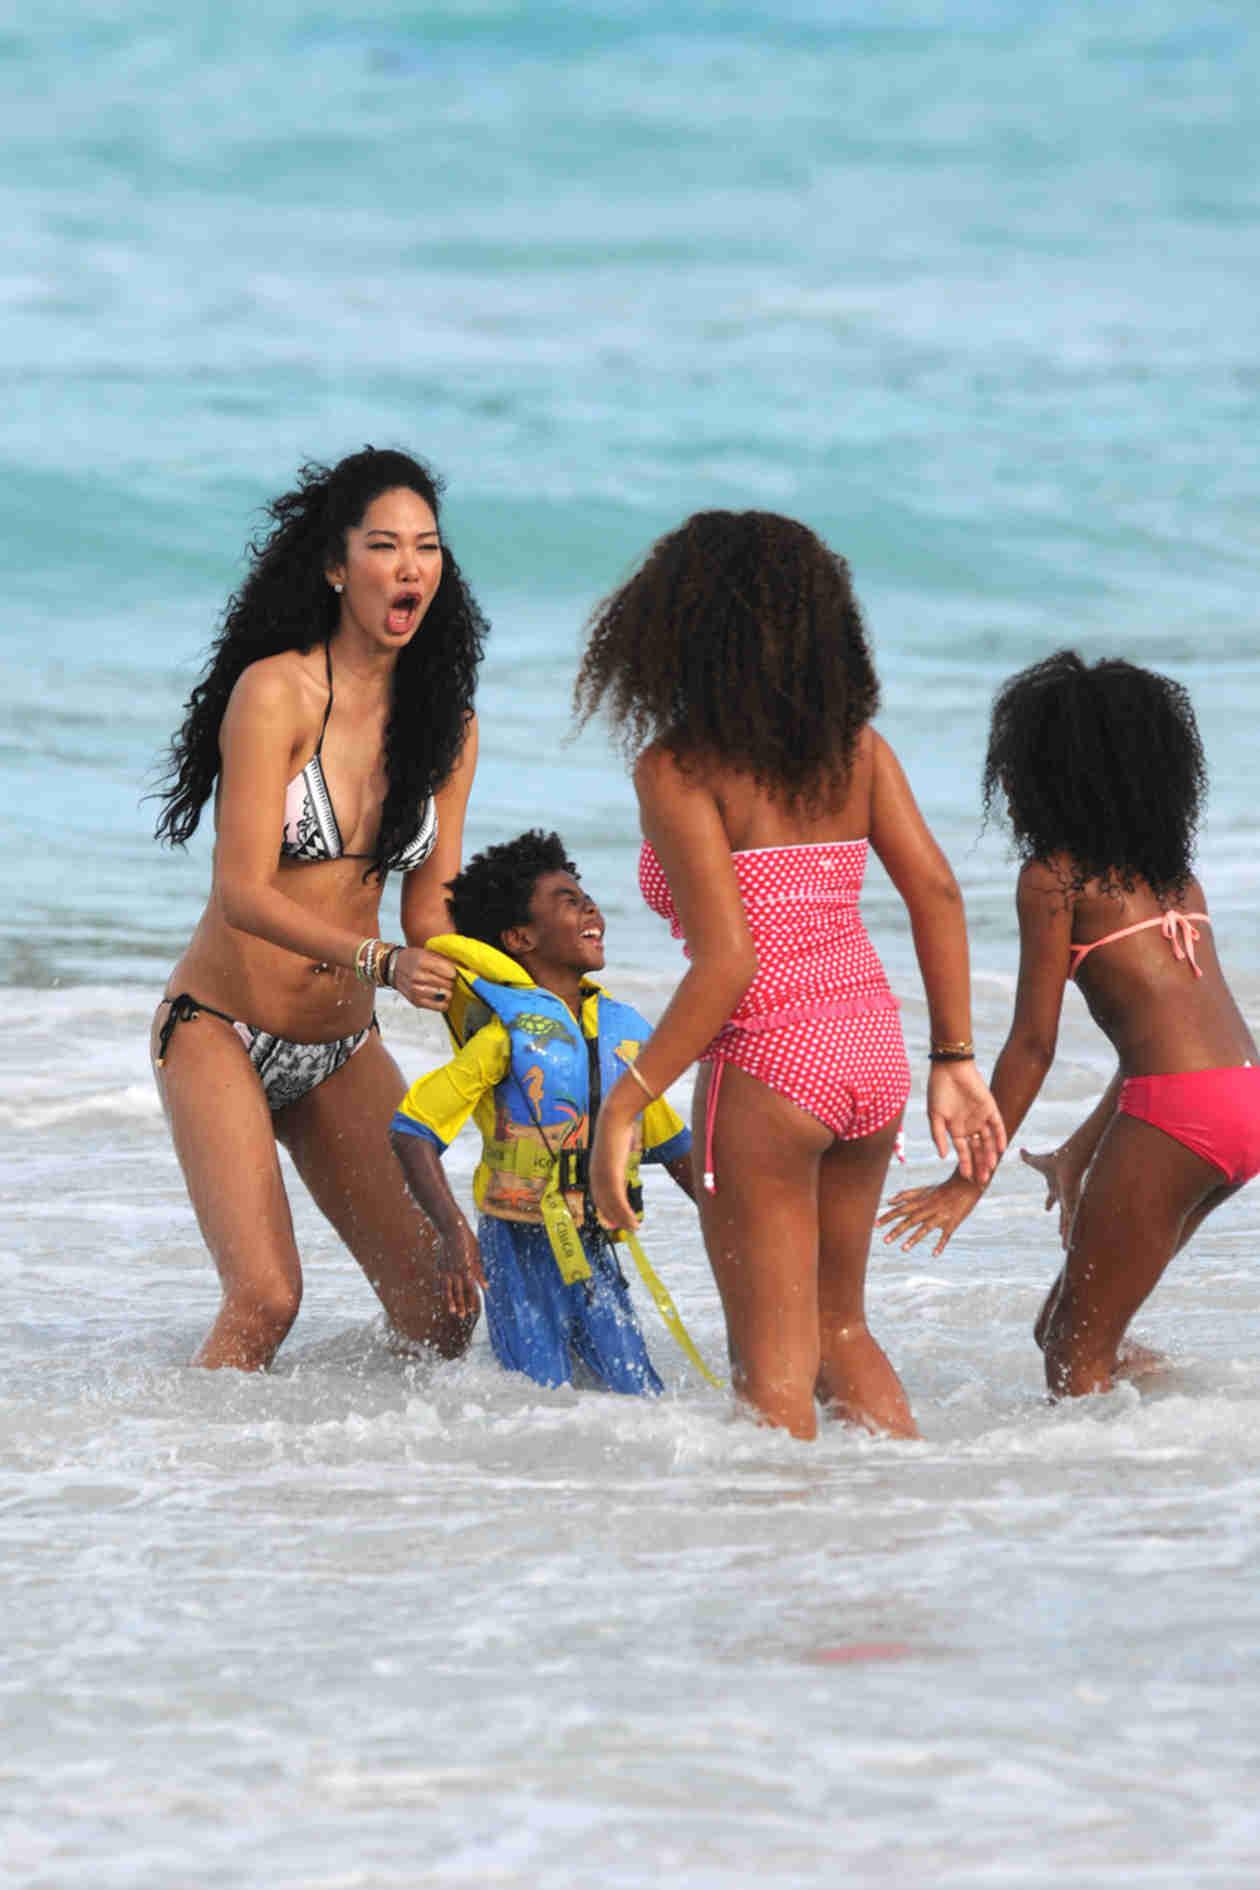 Kimora Lee Simmons: Hot Bikini Body — Ocean Fun With Her 3 Kids!